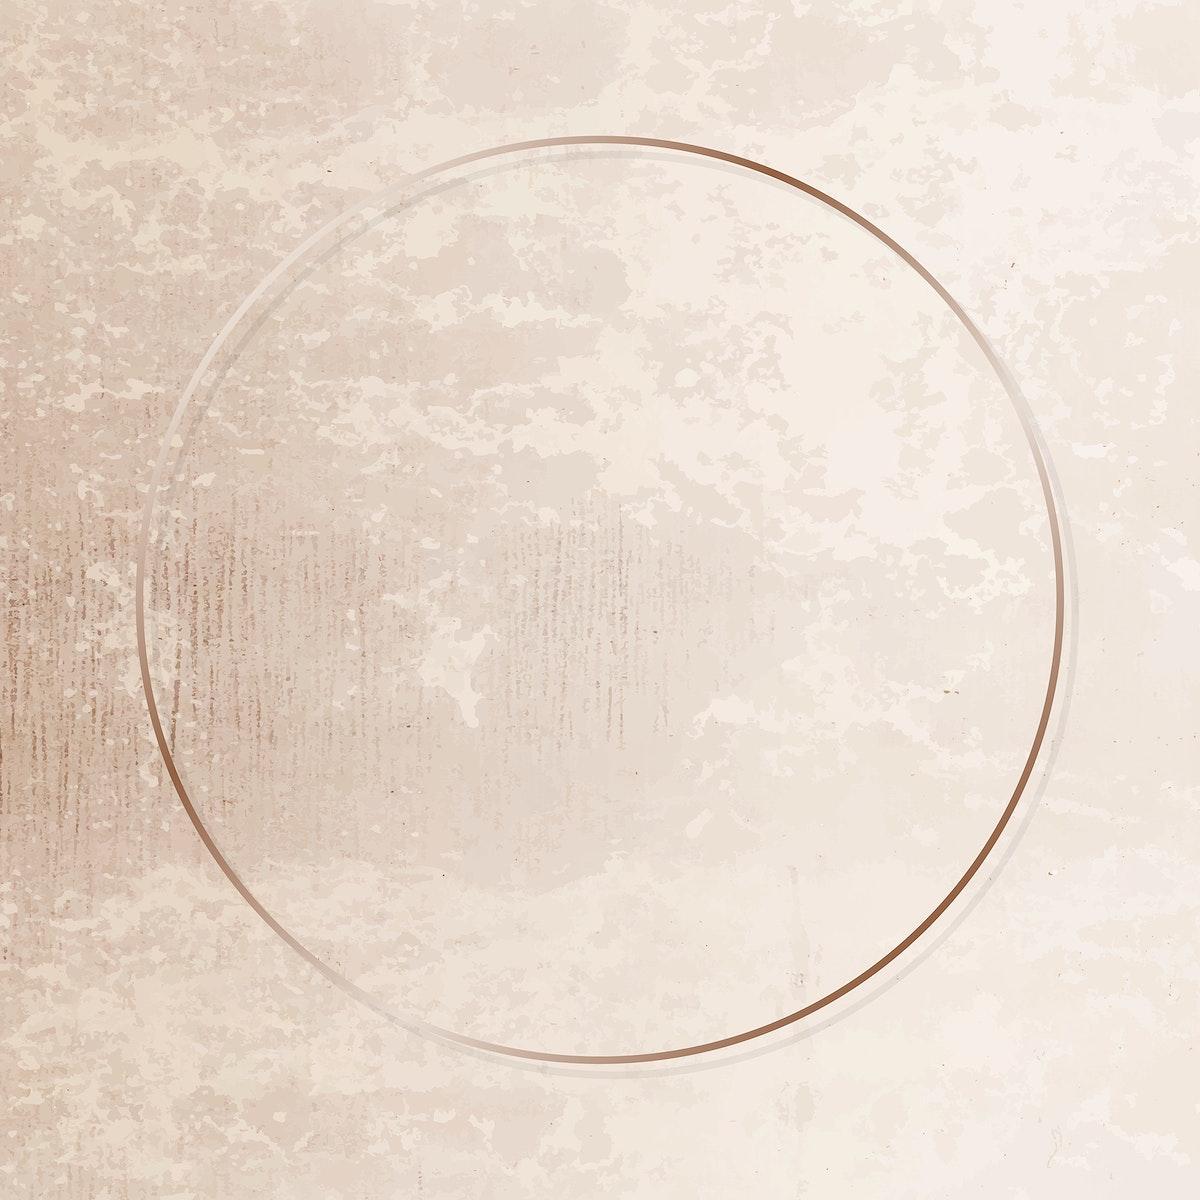 gold frame on grunge background vector